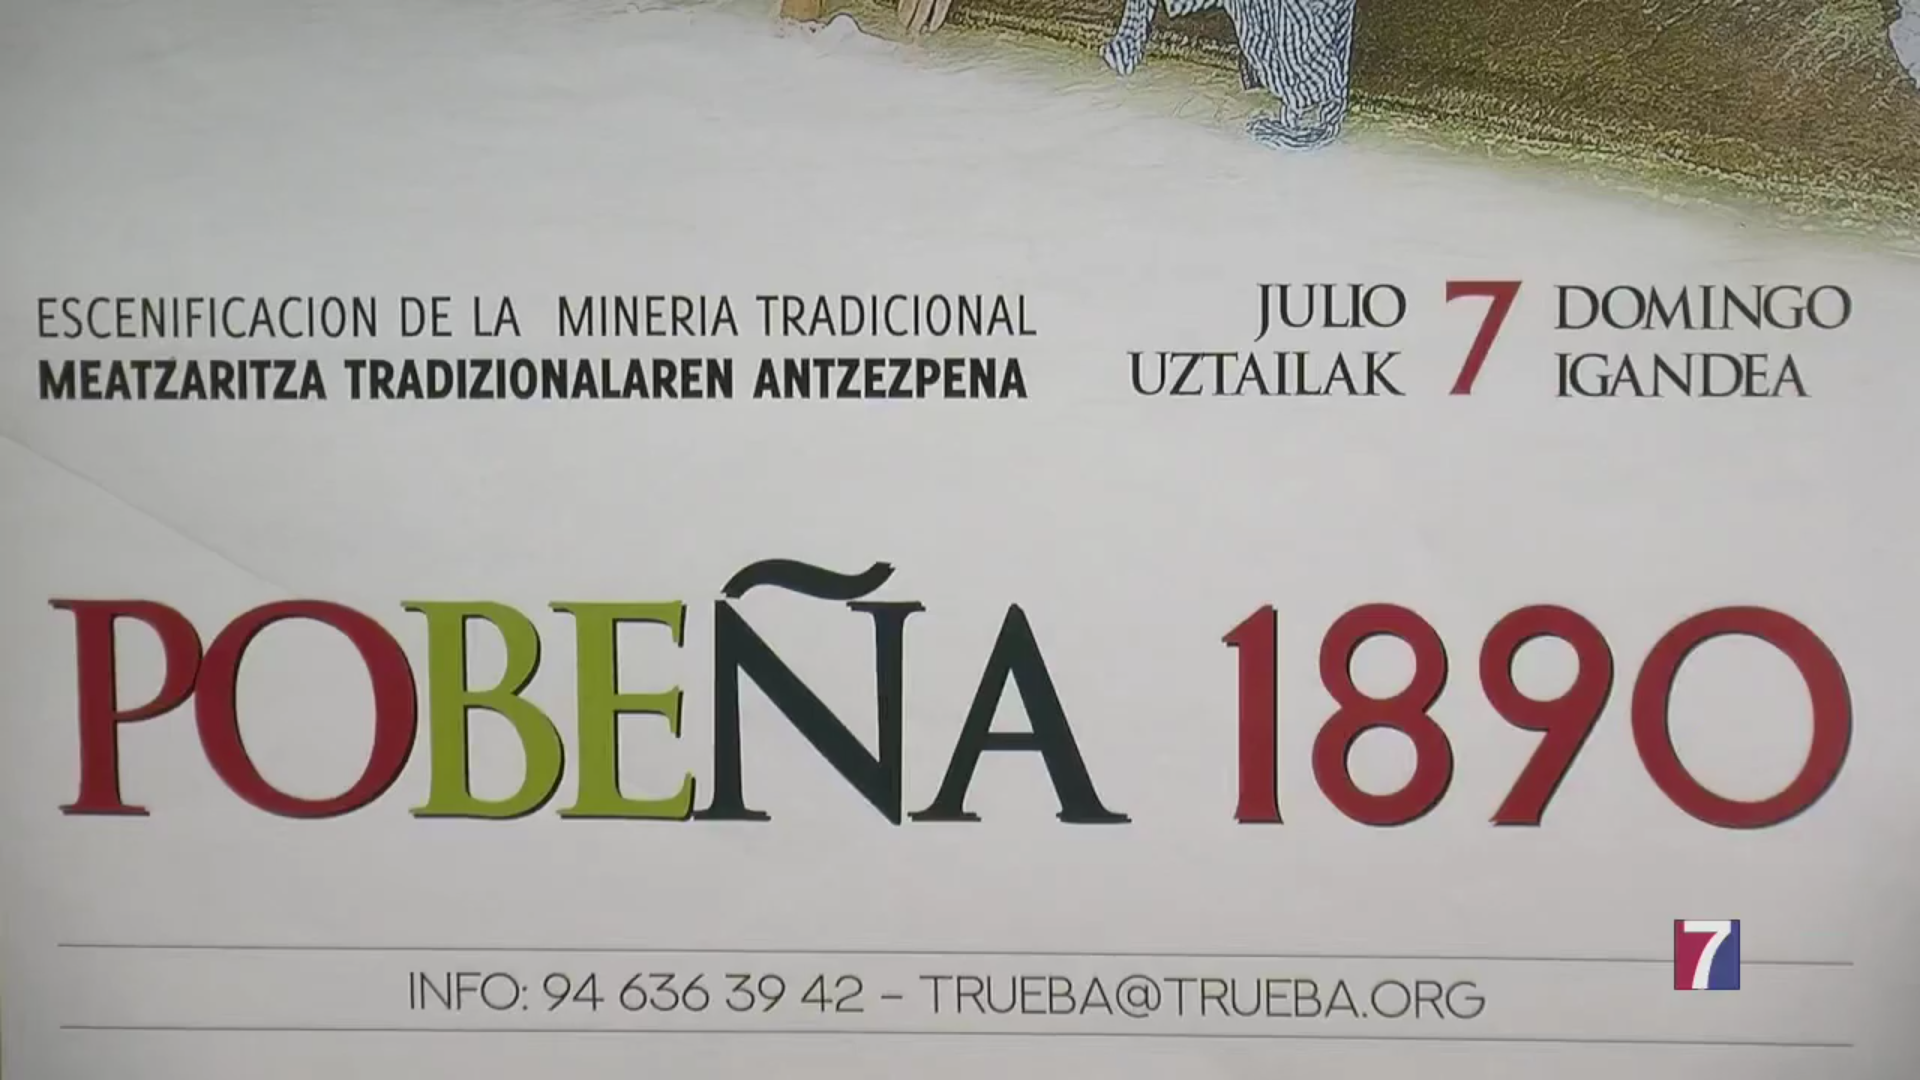 Pobeña 1890 regresa el domingo con novedades